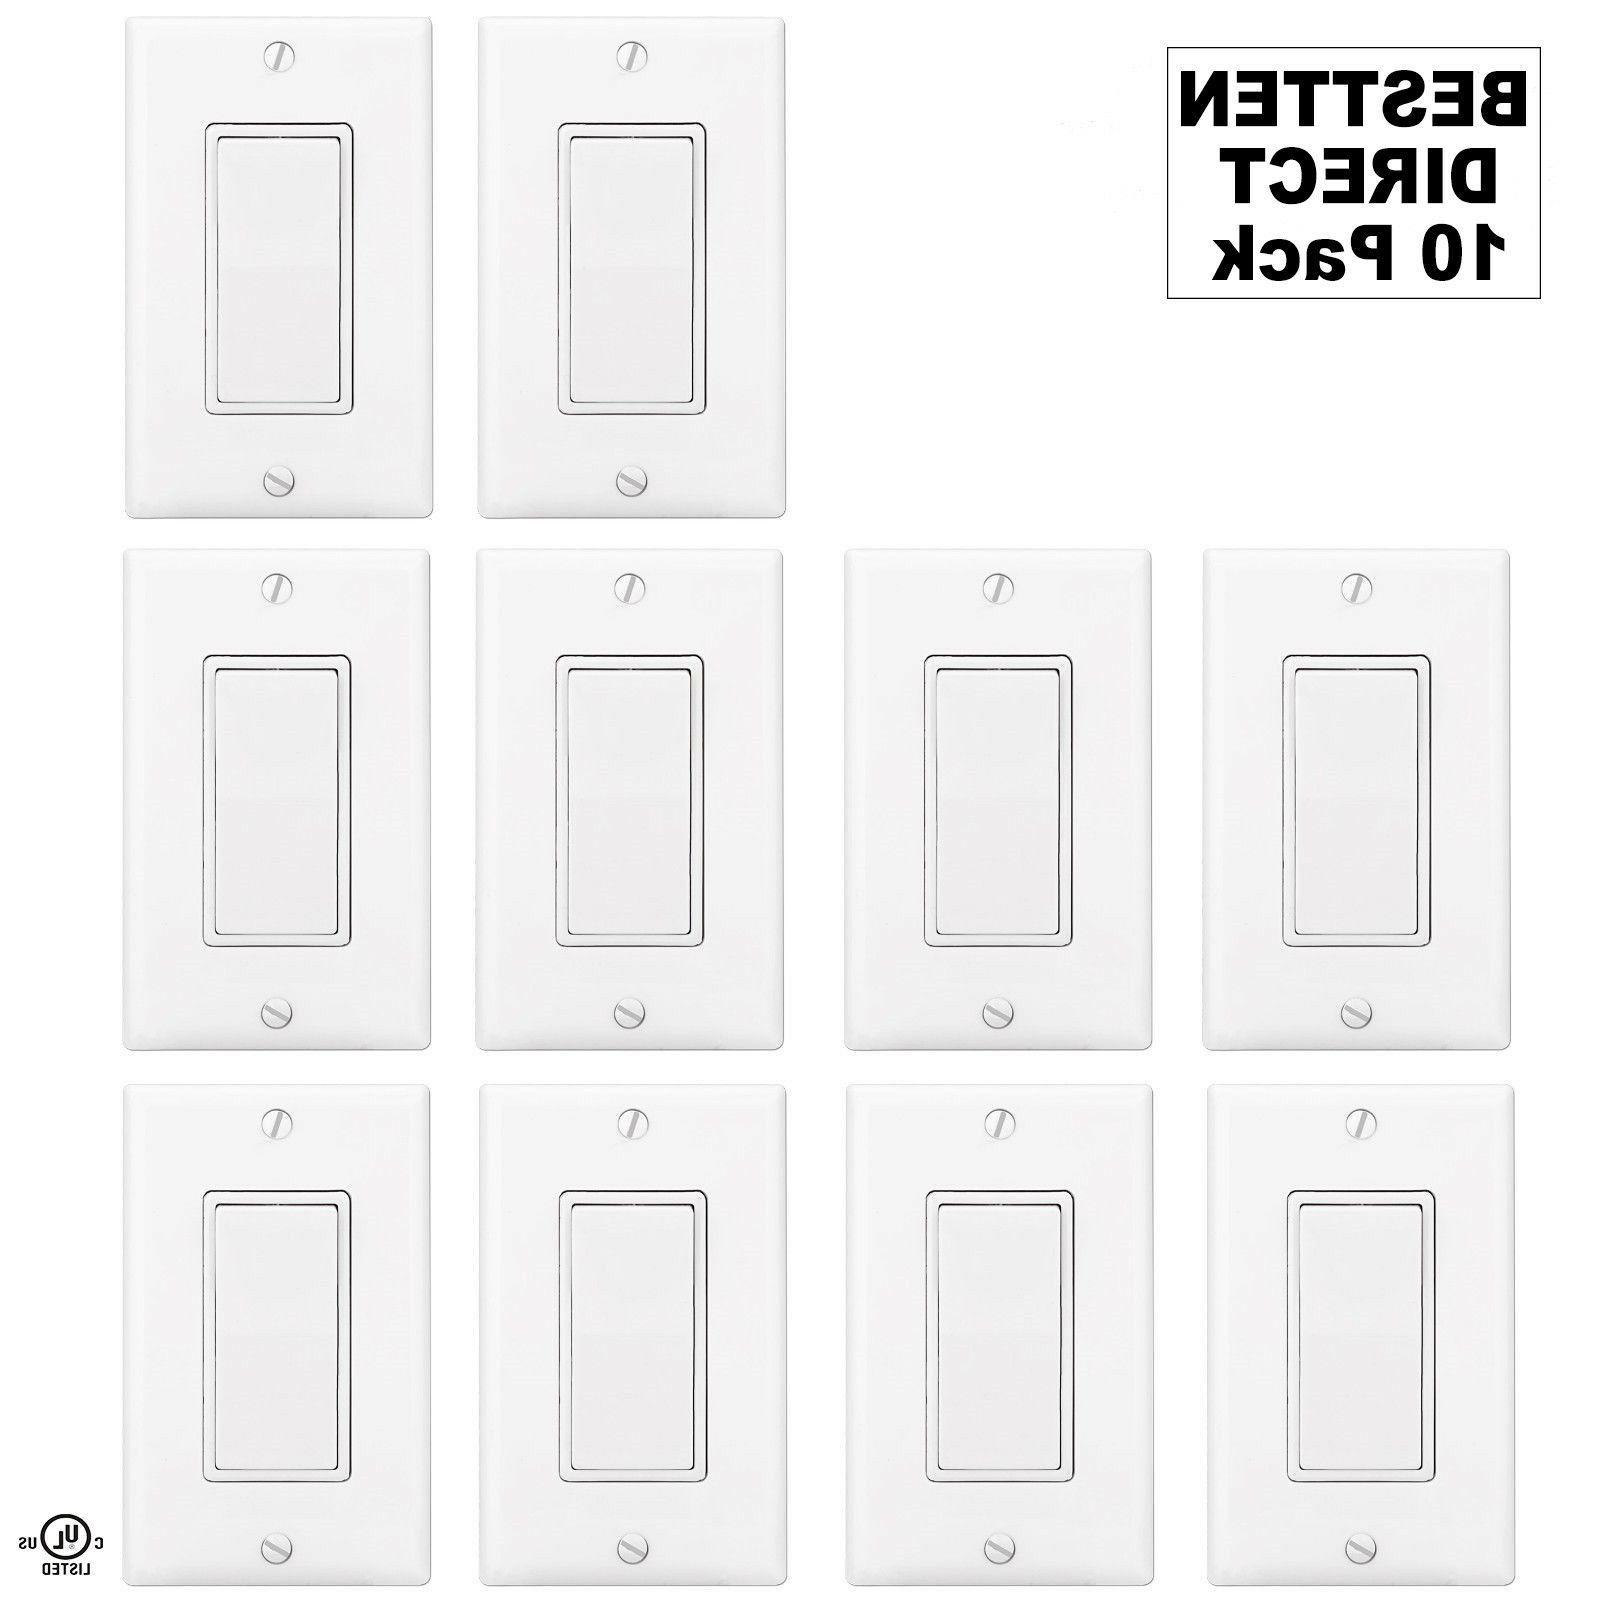 Bestten Wall Light Switch Interrupter Decor